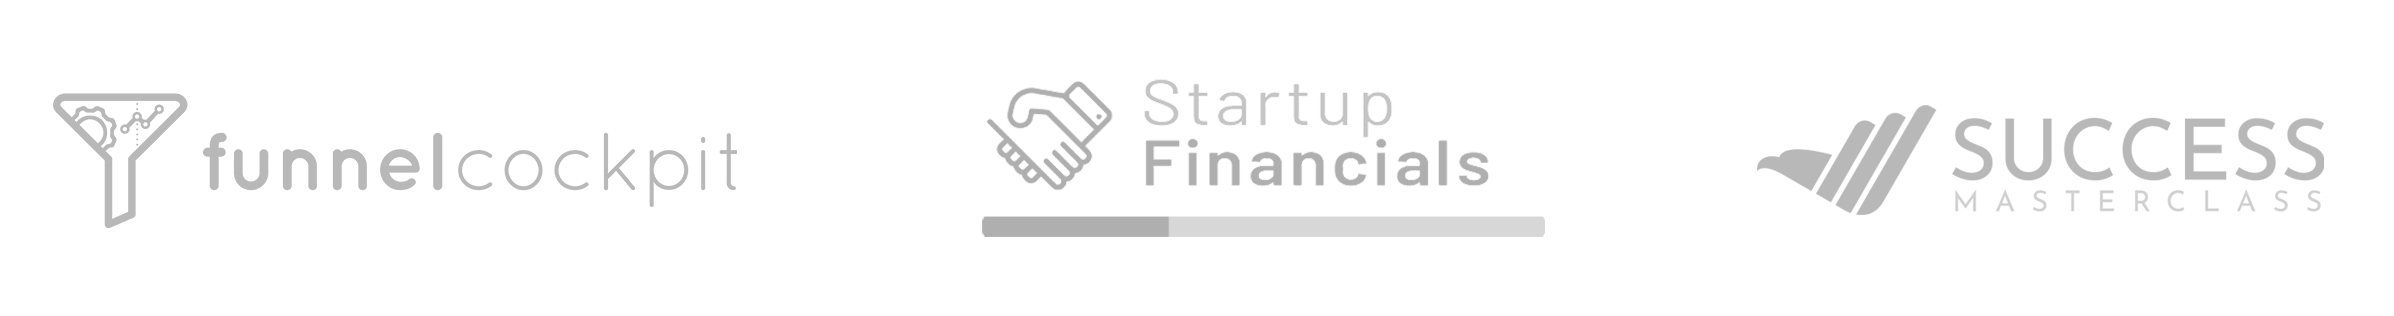 Gründer diverser Unternehmen